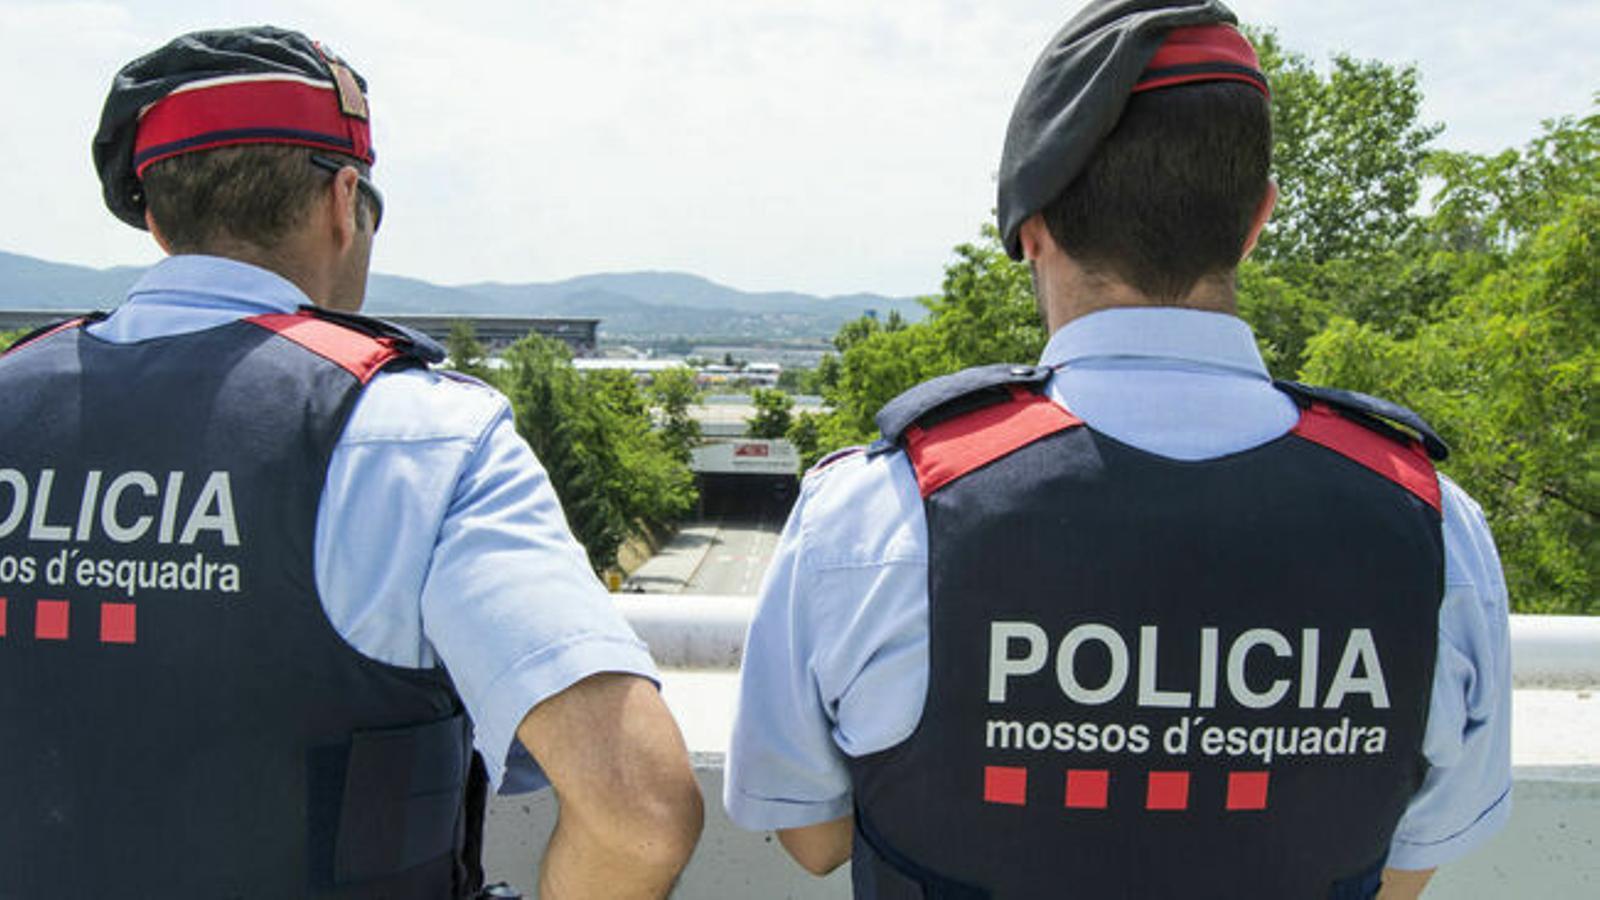 Els Mossos d'Esquadra han obert una investigació